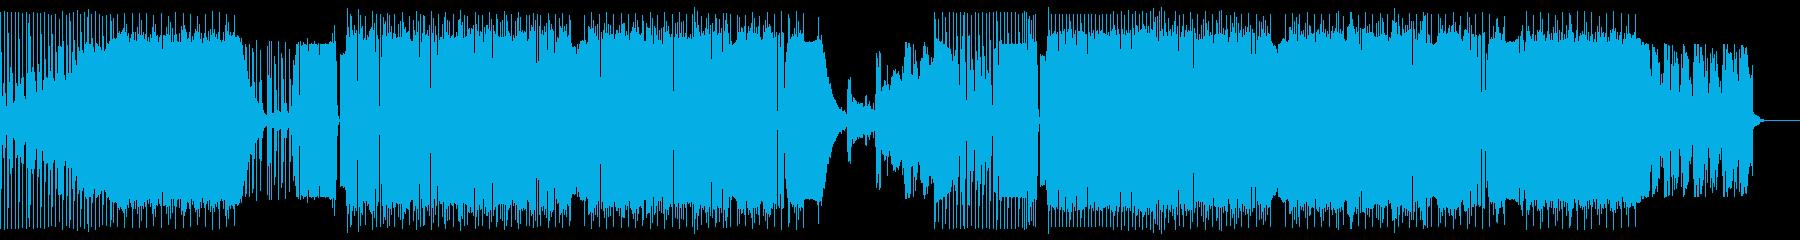 重く激しく攻撃的なDubstepの再生済みの波形